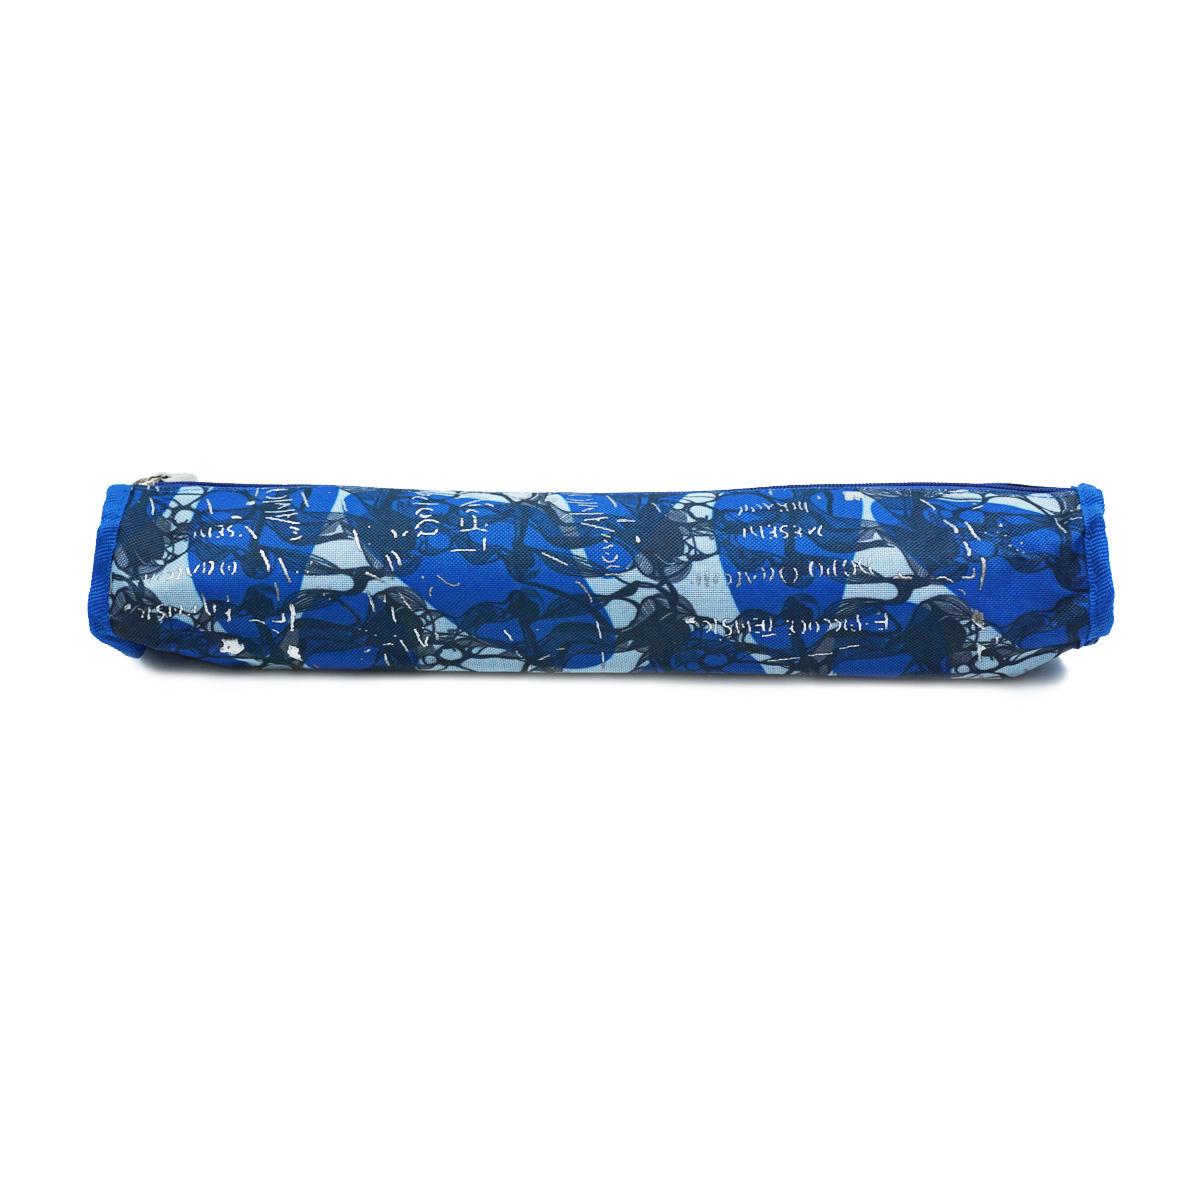 Футляр для хранения вязальных принадлежностей 890505, 40х6 см, синий цвет, Hobby&Pro